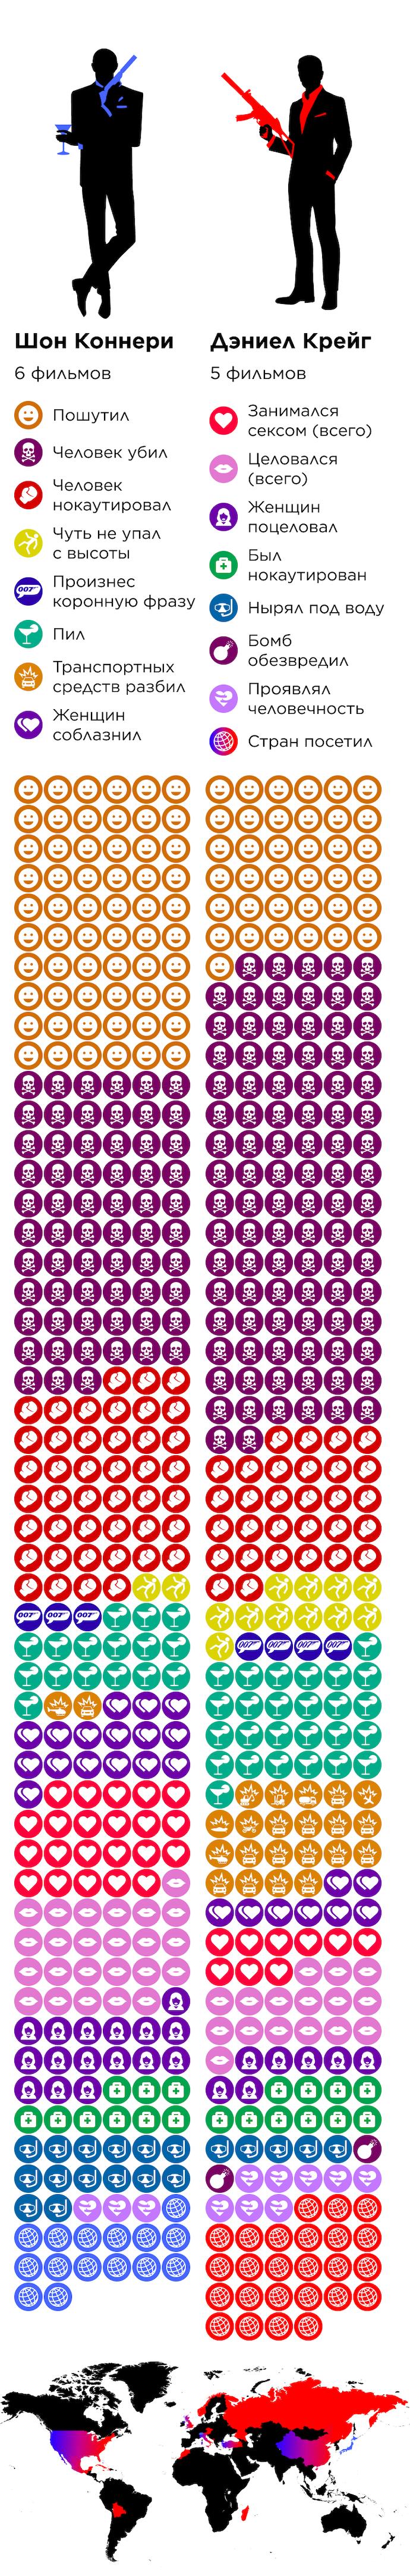 Джеймс Бонд Шон Коннери Дэниел Крейг Инфографика Бондиана «Не время умирать»